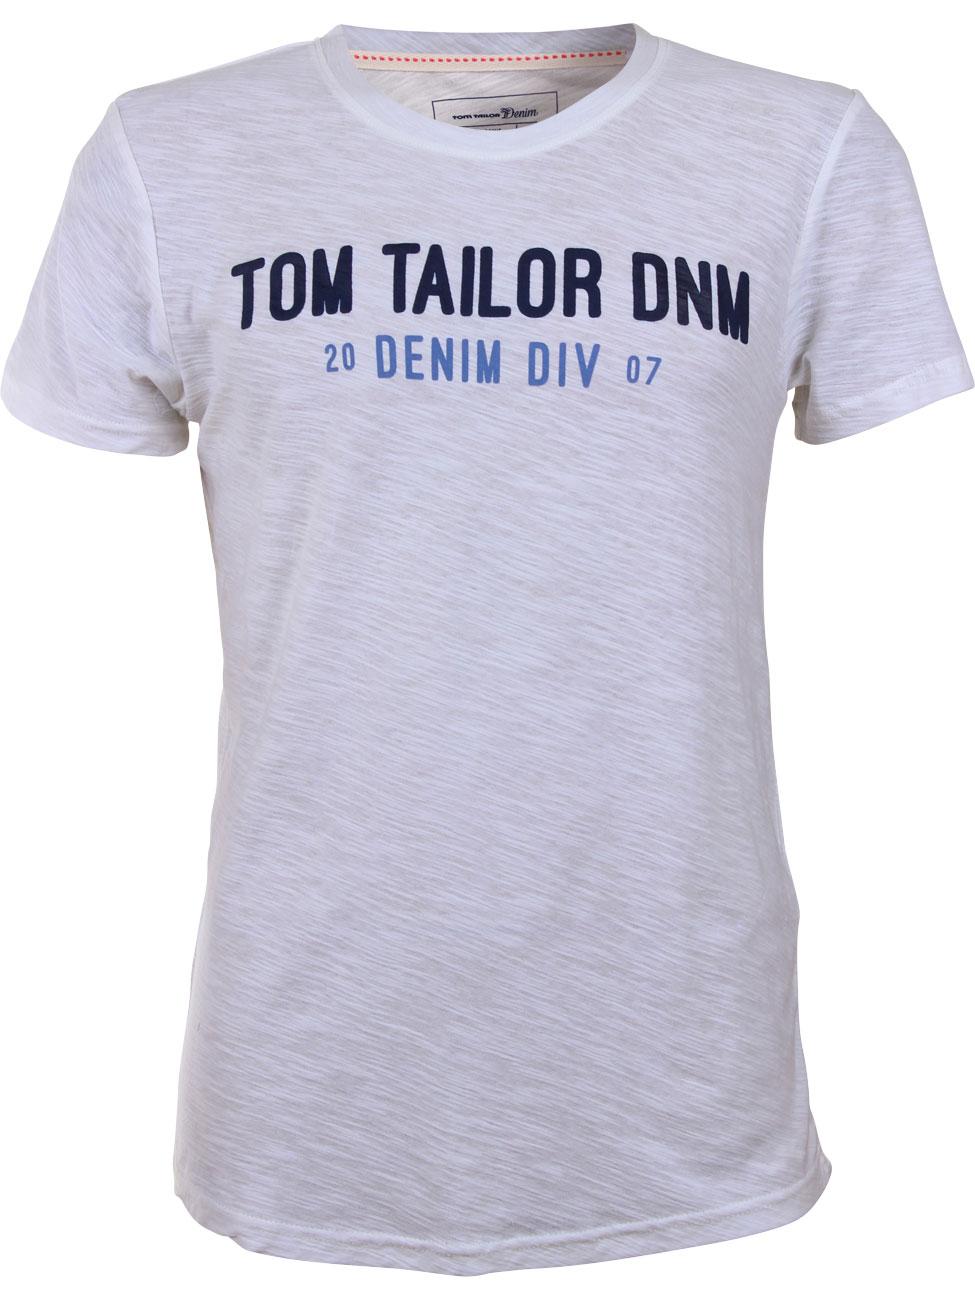 tom tailor denim herren t shirt mit logoprint ebay. Black Bedroom Furniture Sets. Home Design Ideas